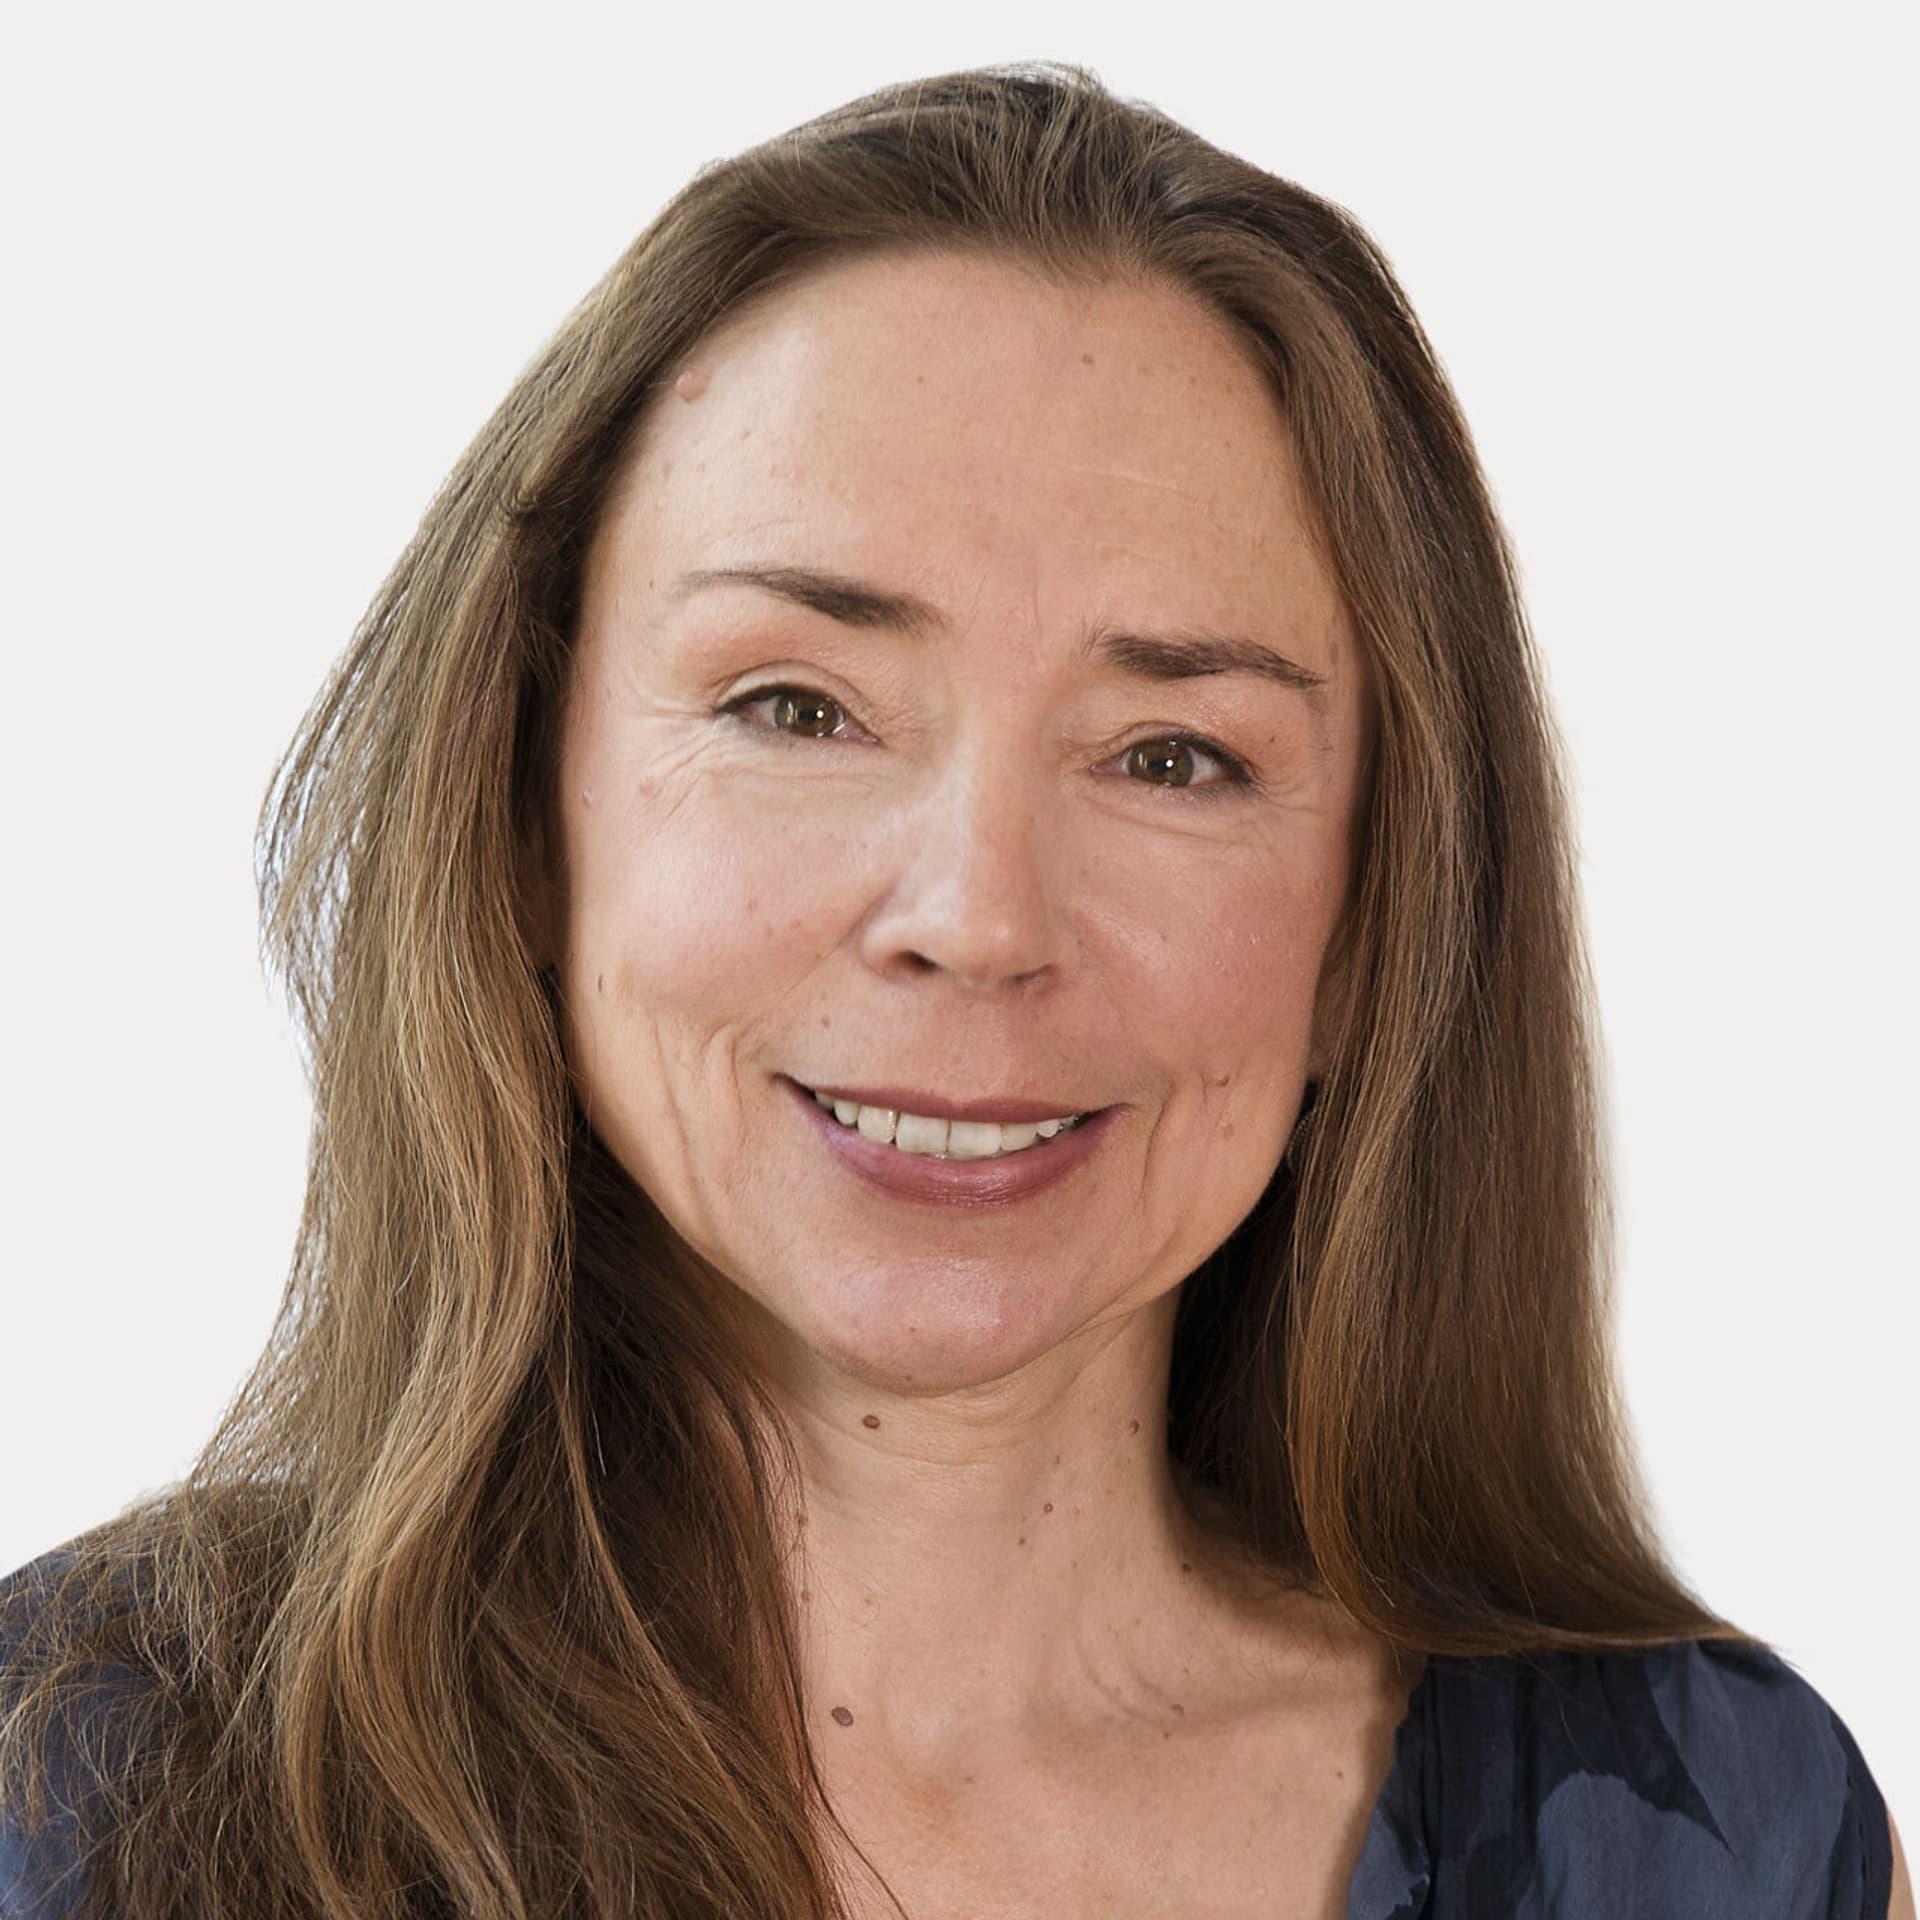 Susanne Gschwind